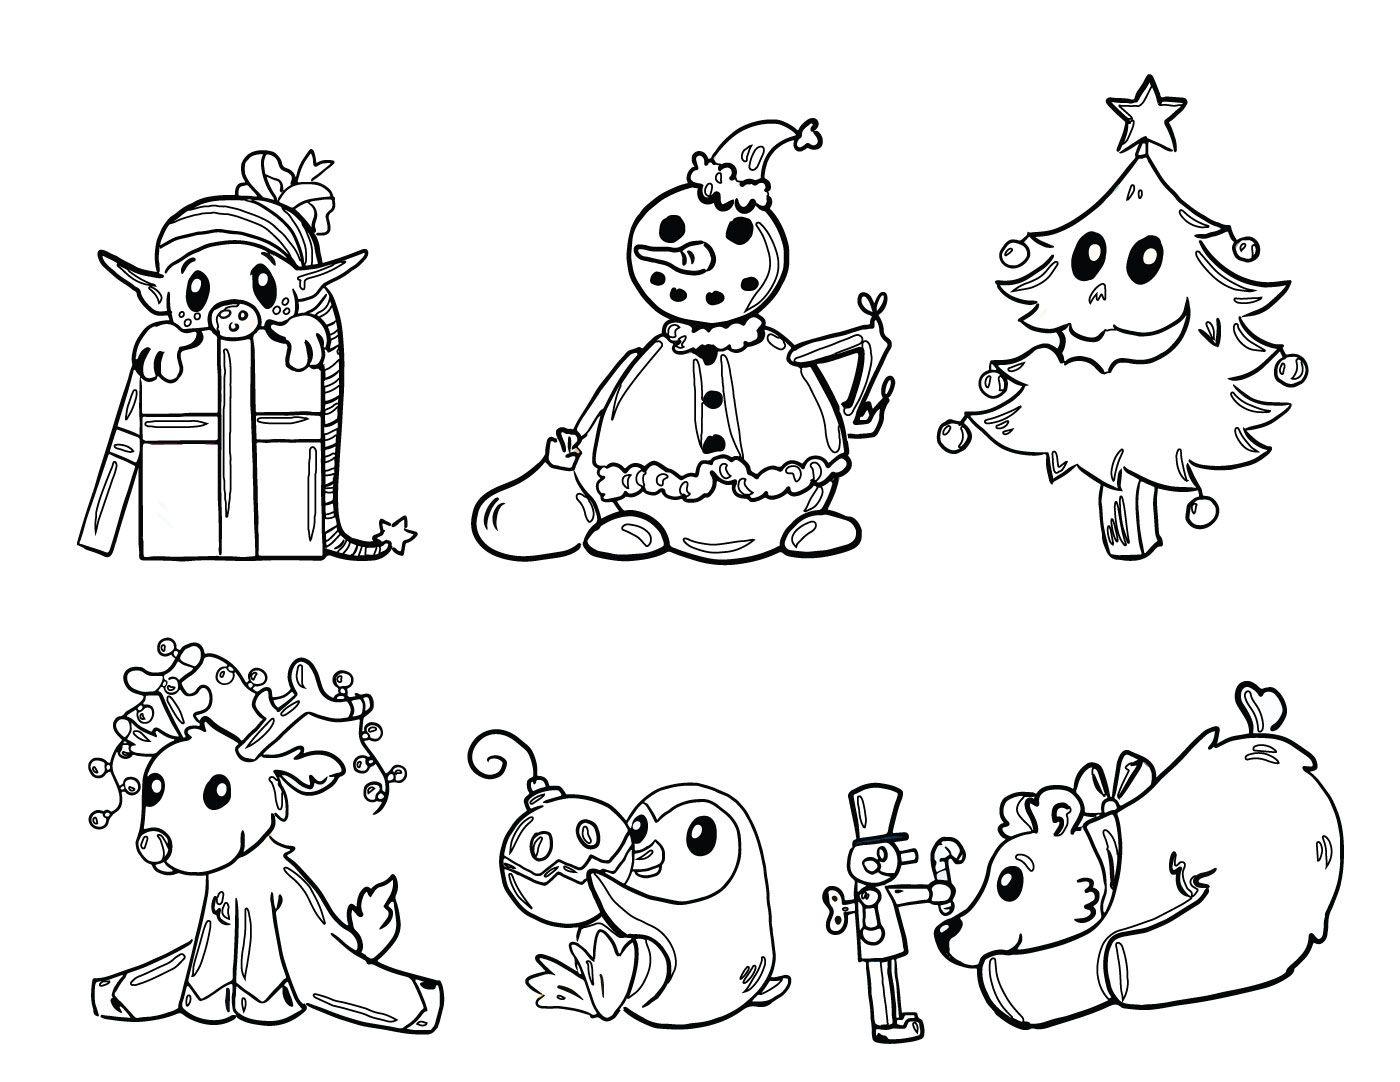 Dessin Des Amis Du Père Noel À Imprimer Gratuit encequiconcerne Dessin À Imprimer Pere Noel